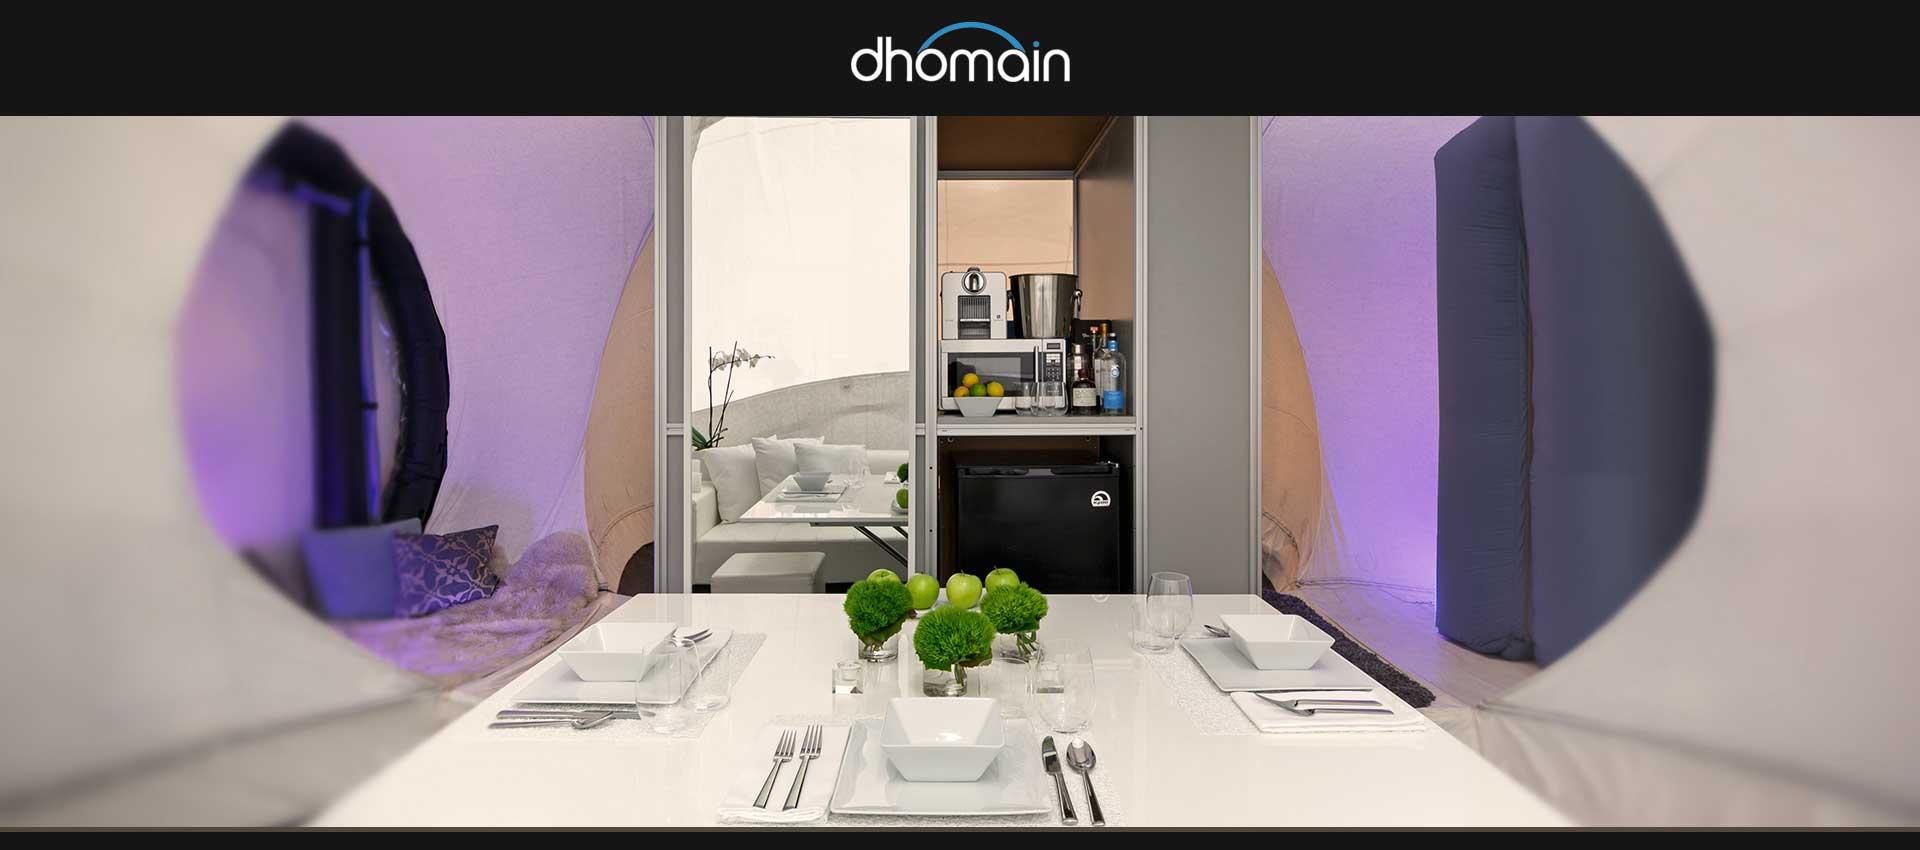 Thông tin tổng quan, khó khăn và kết quả đạt được của dự án Dhomain